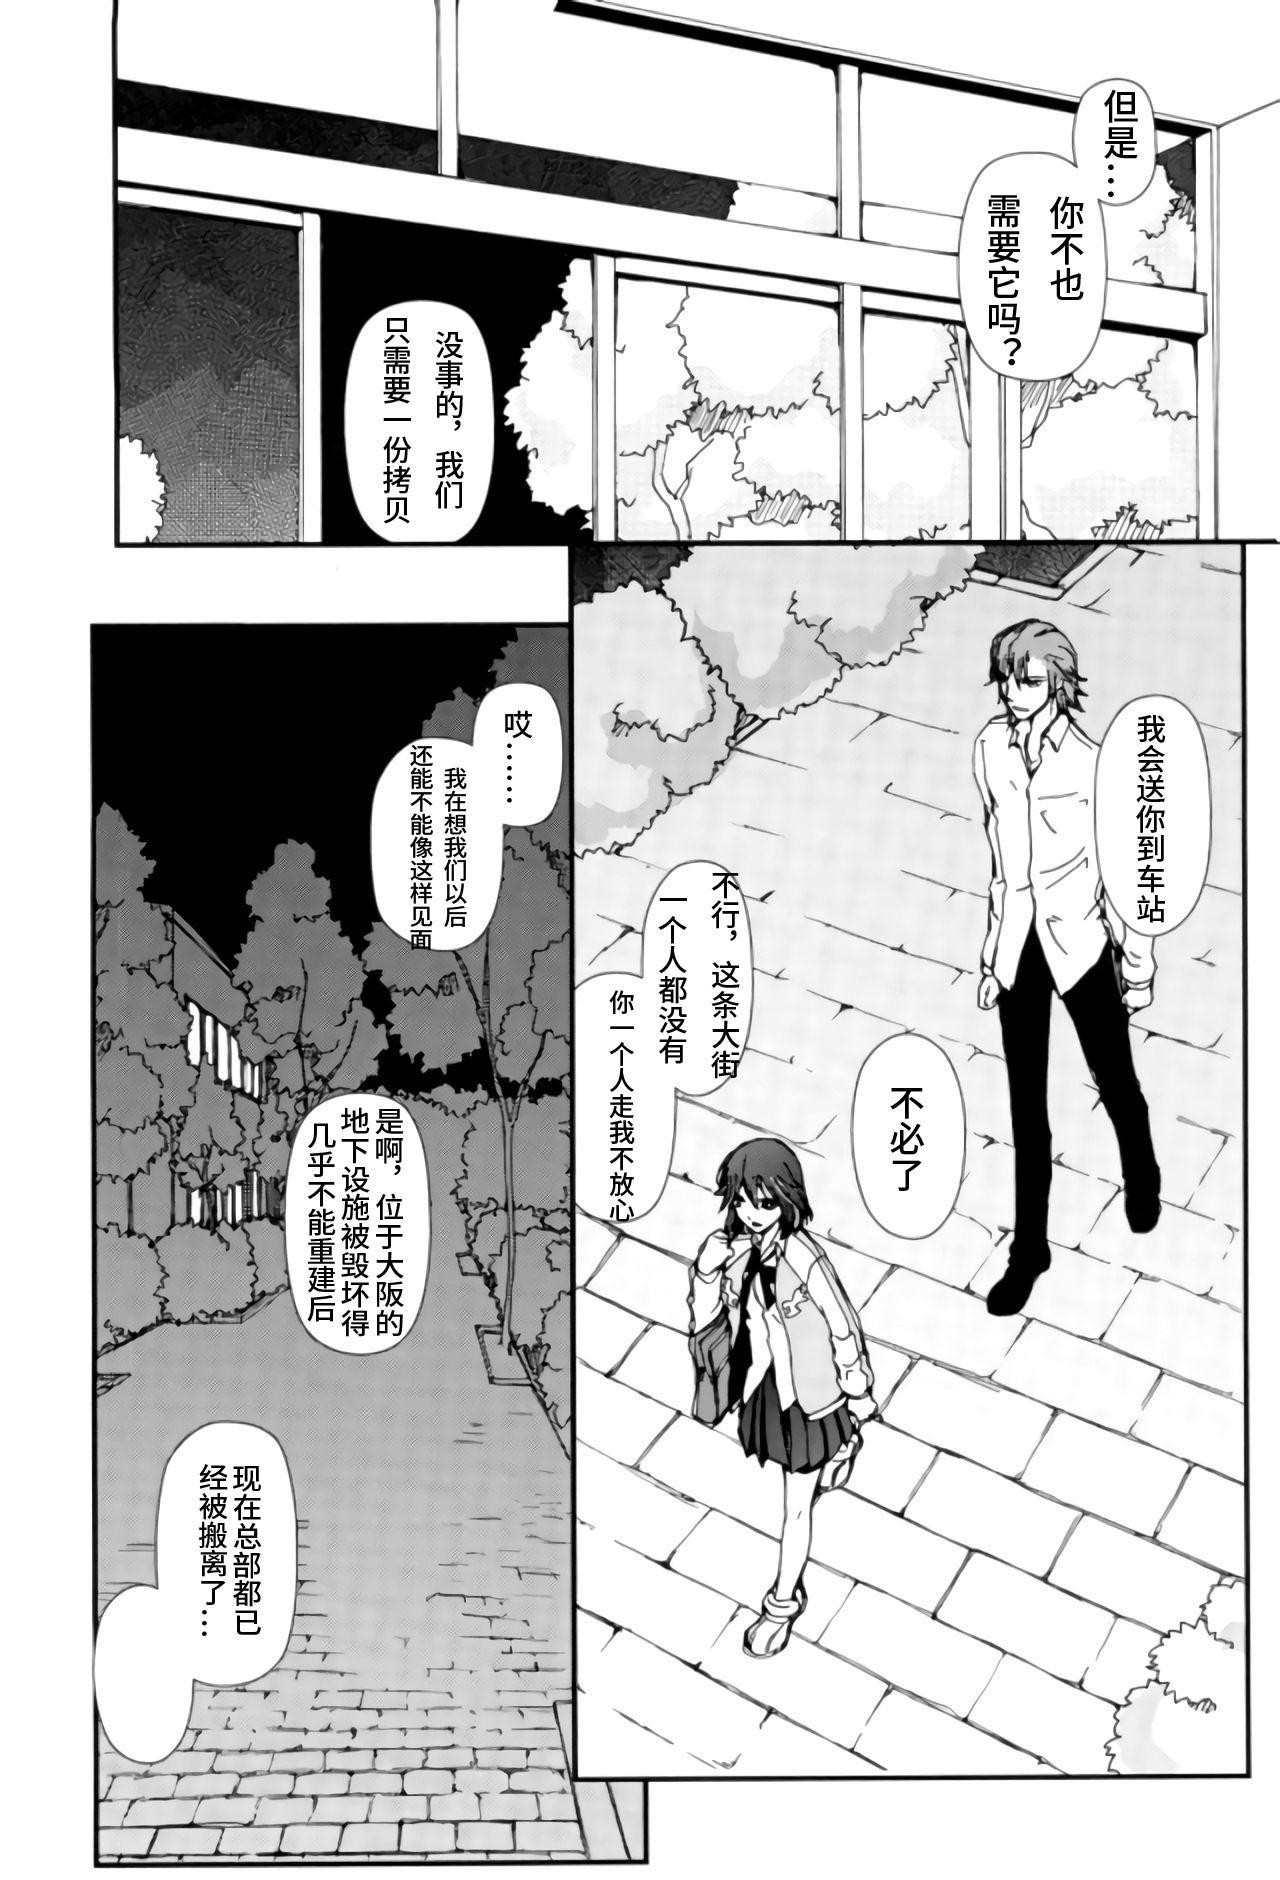 Sekai de Ichiban Kimi ga Suki 3